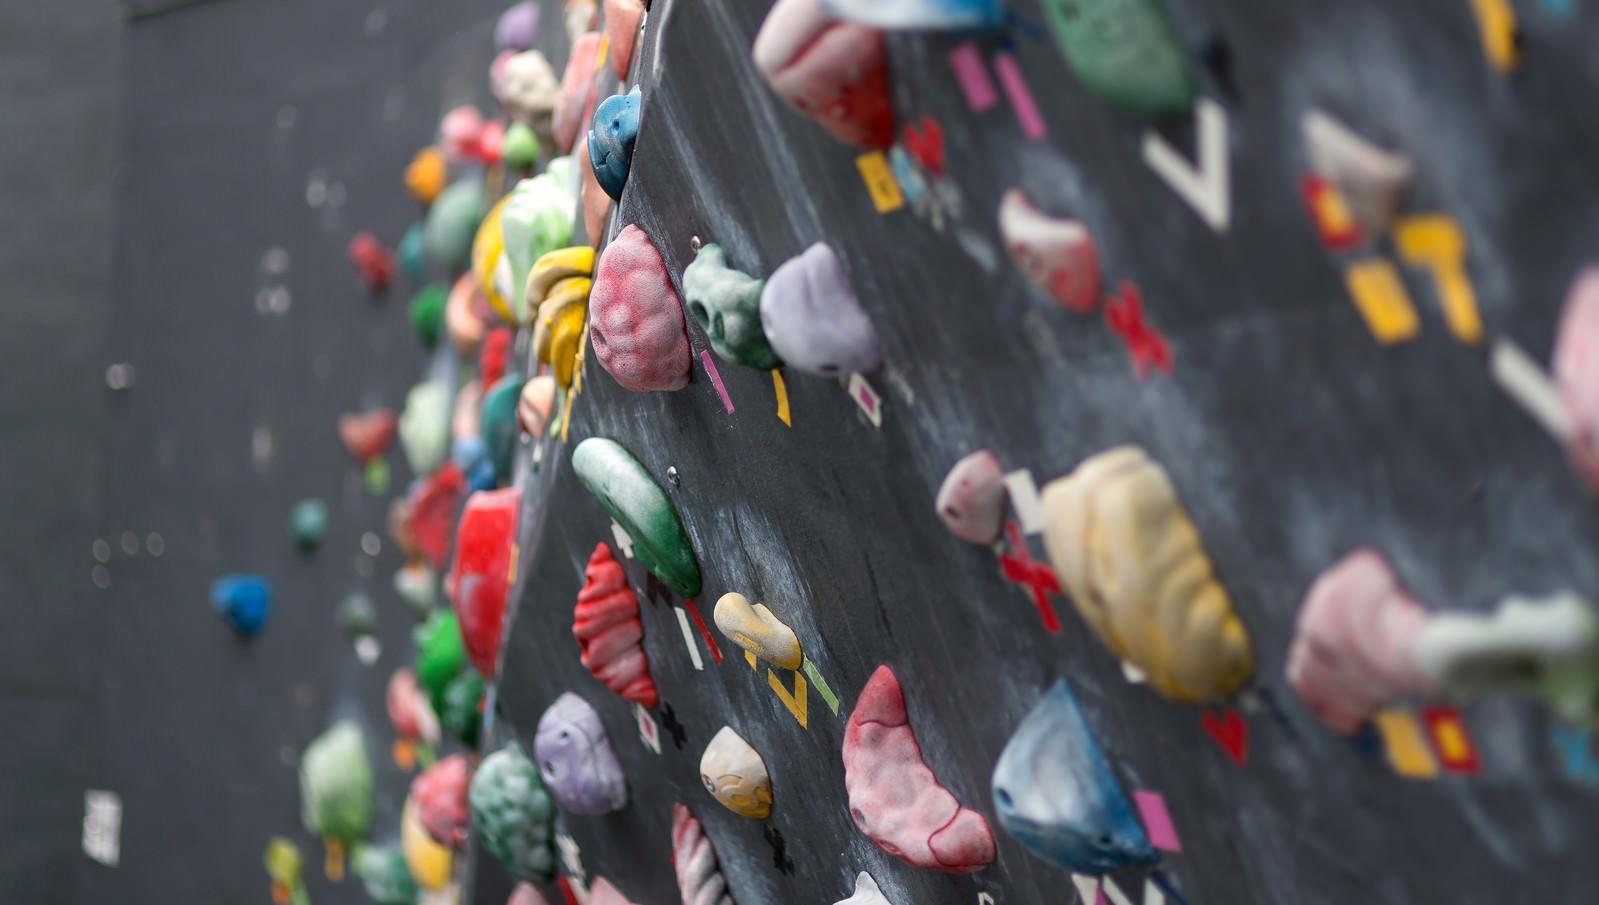 「ボルダリングの壁ボルダリングの壁」のフリー写真素材を拡大